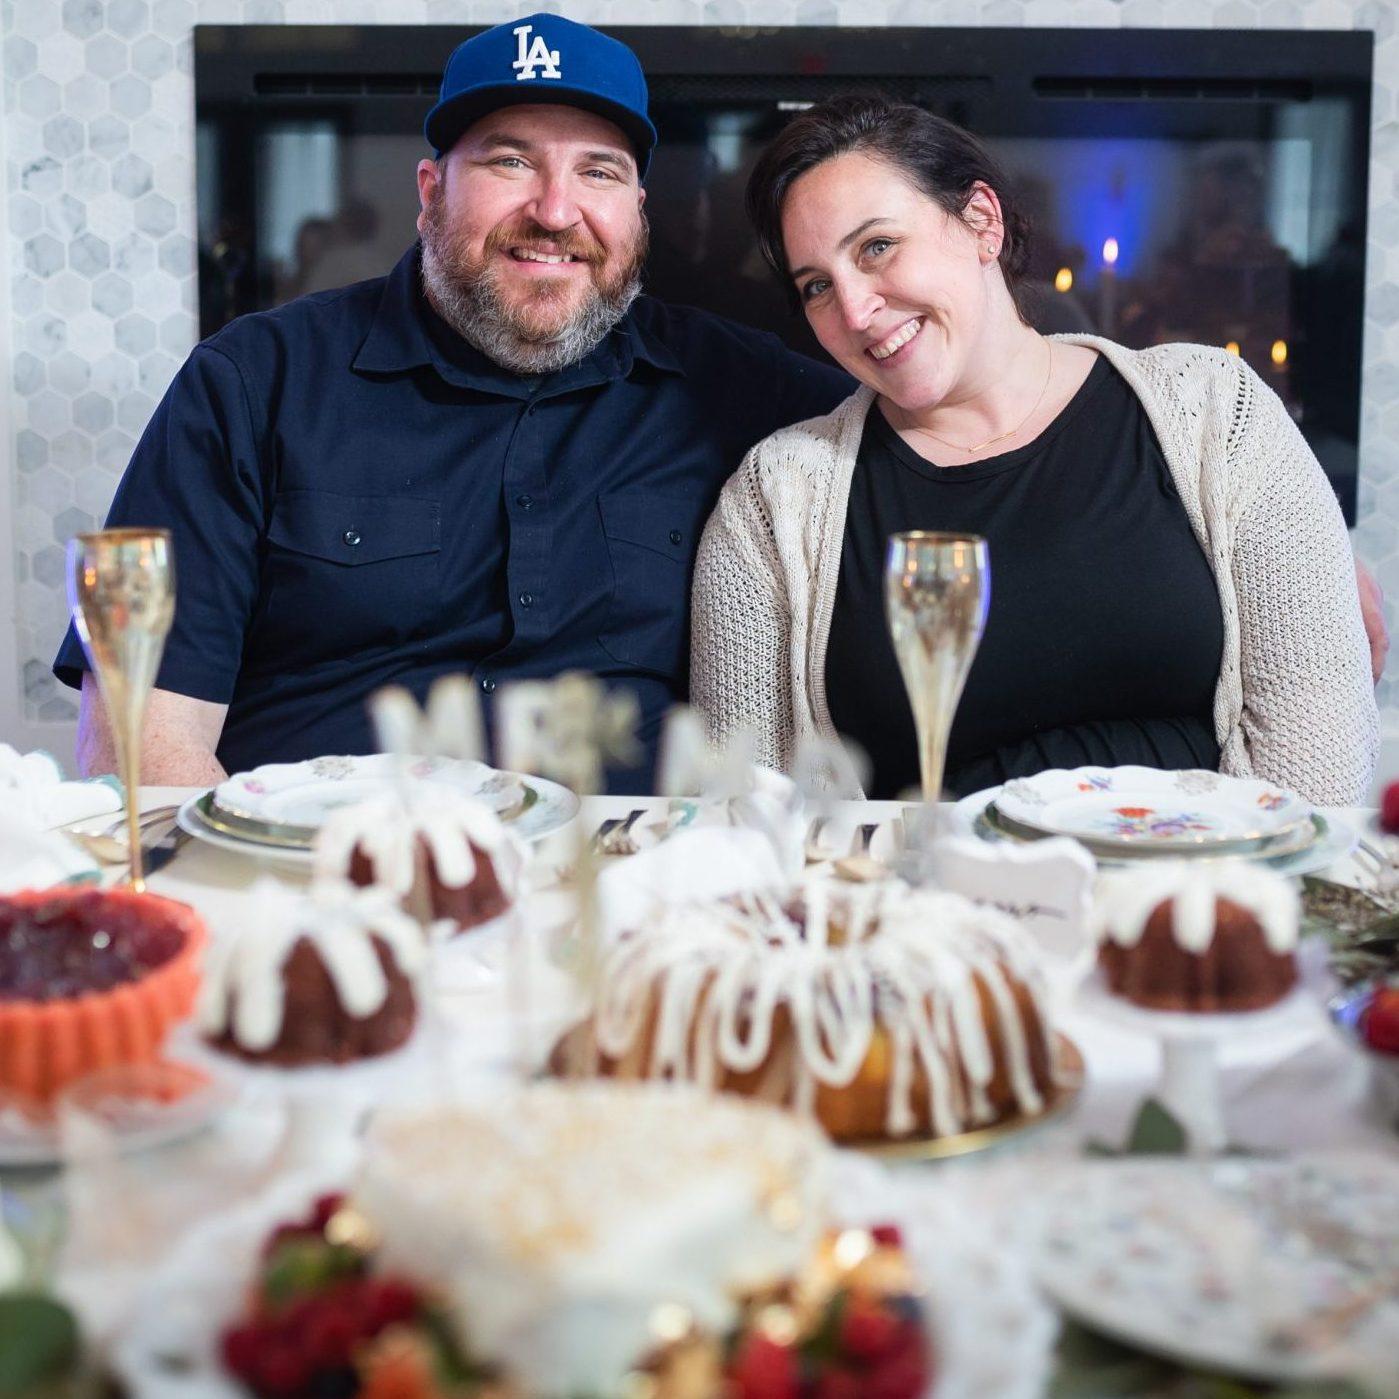 Mike and Sarah Hasenauer